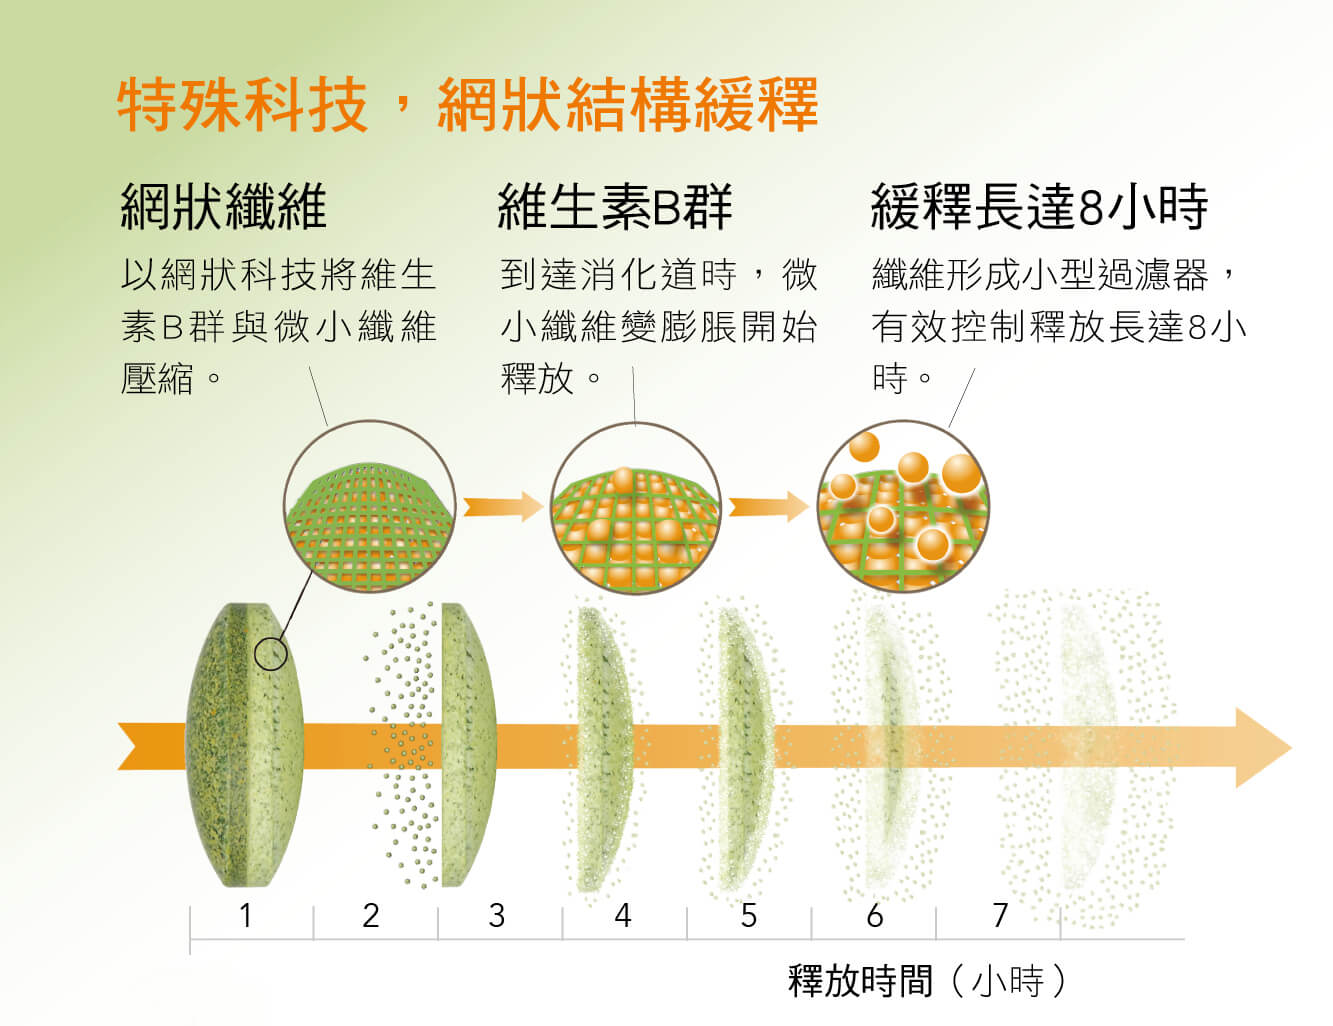 特殊科技,網狀結構緩釋 網狀纖維 以網狀科技將維生素B群與微小纖維壓縮。 維生素B群 到達消化道時,微小纖維變膨脹開始釋放。 纖維形成小型過濾器,有效控制釋放長達8小時。 緩釋長達8小時 纖維形成小型過濾器,有效控制釋放長達8小時。